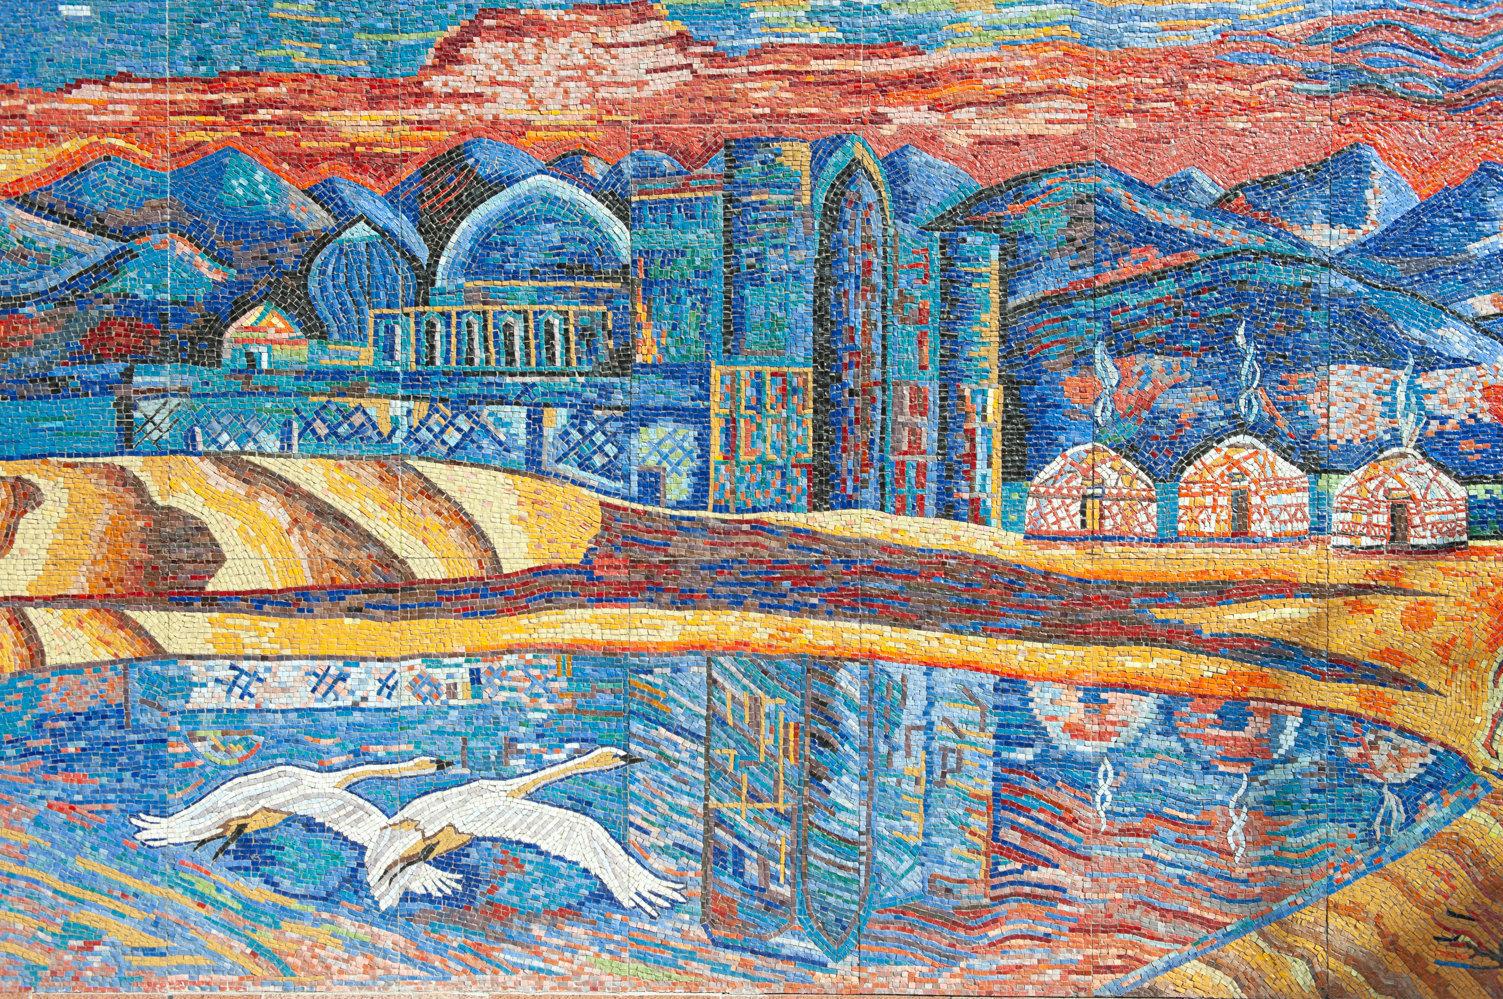 Панно Шелковый путь, автор Владимир Твердохлебов, 2004 год